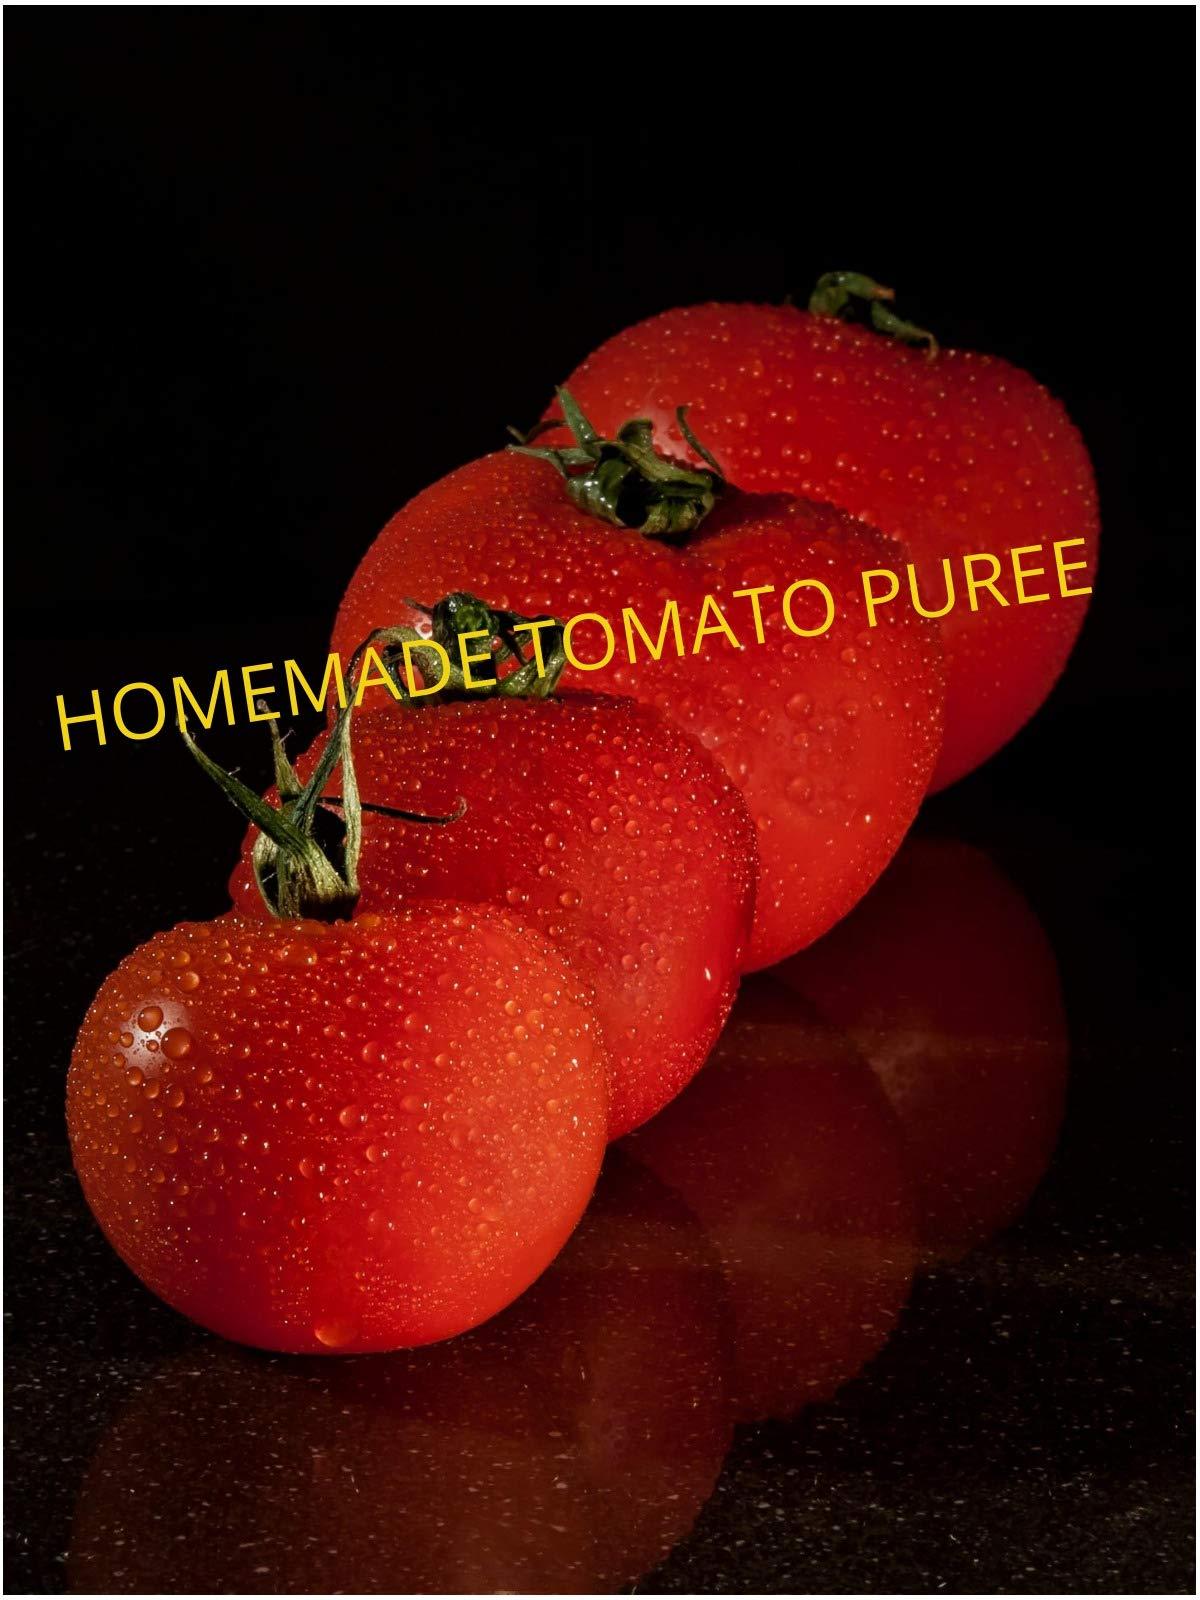 Homemade tomato puree on Amazon Prime Instant Video UK